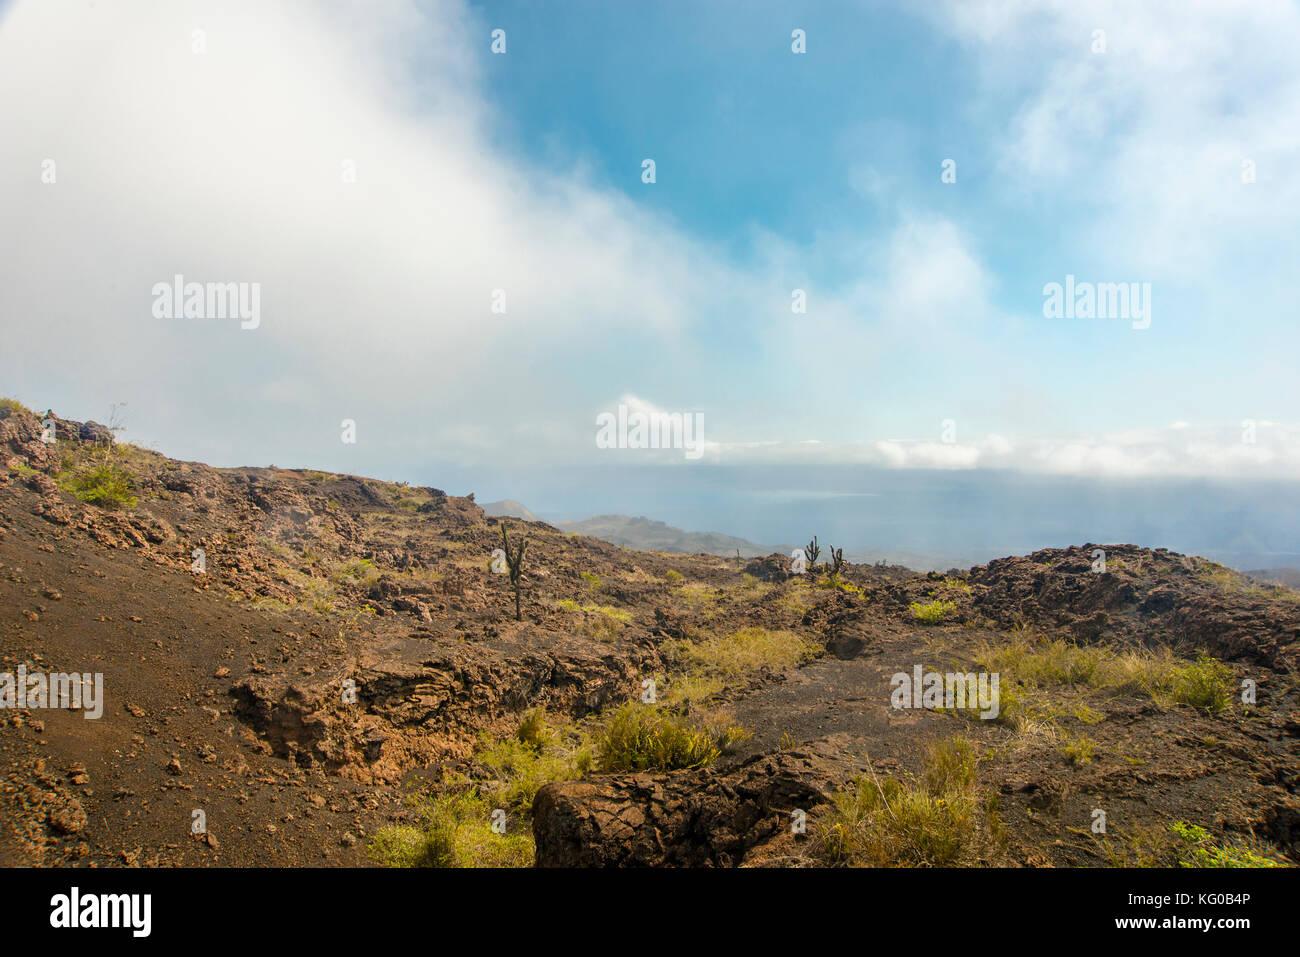 Amérique du Sud Équateur galapagos larnaca billet sierra negra Photo Stock